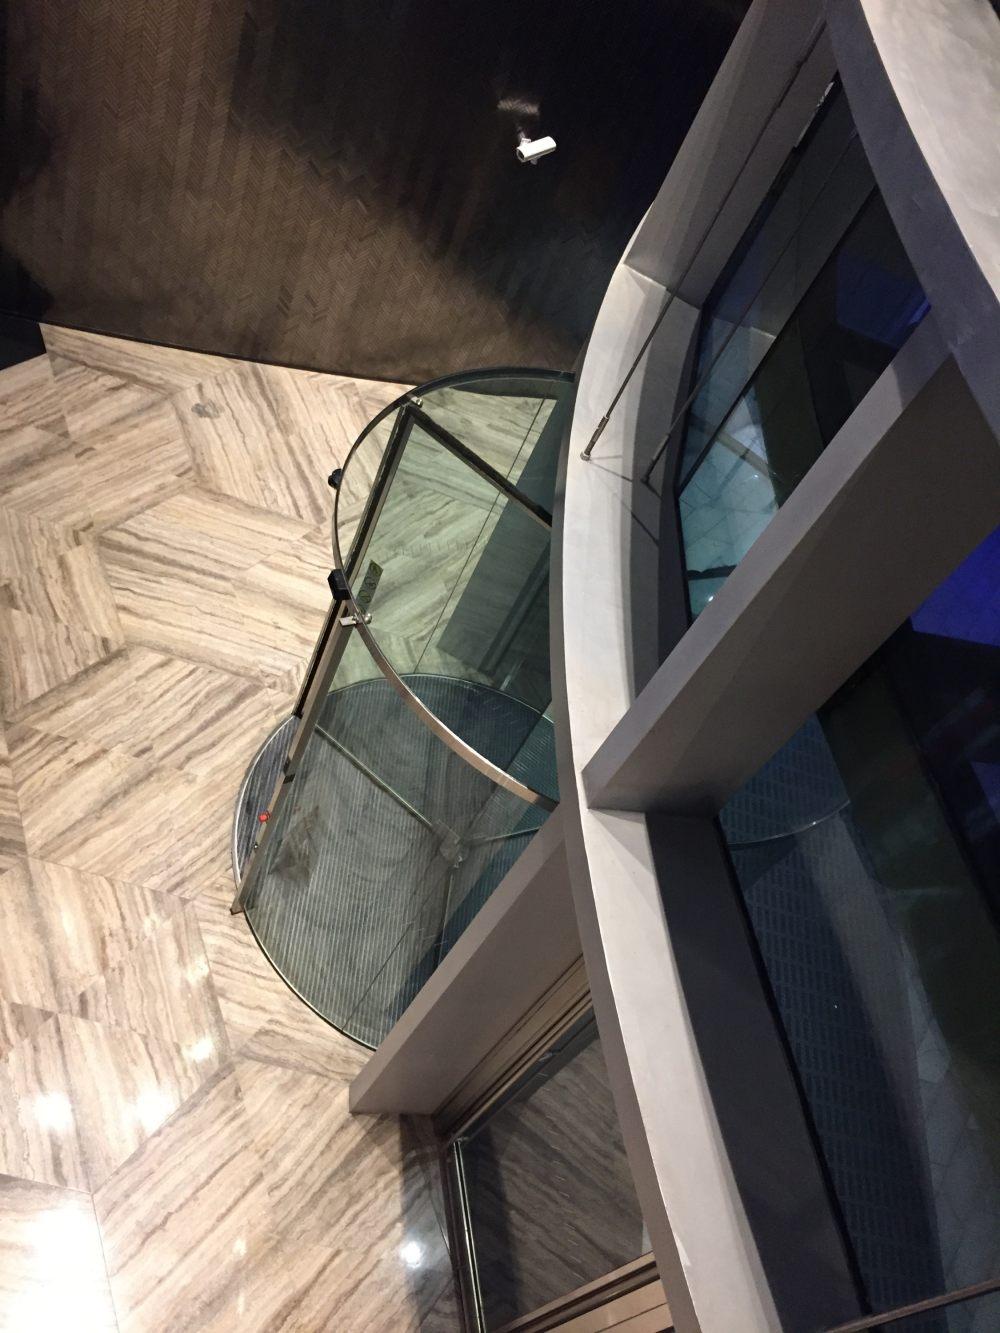 上海外滩W酒店,史上最全入住体验 自拍分享,申请置...._IMG_6020.JPG